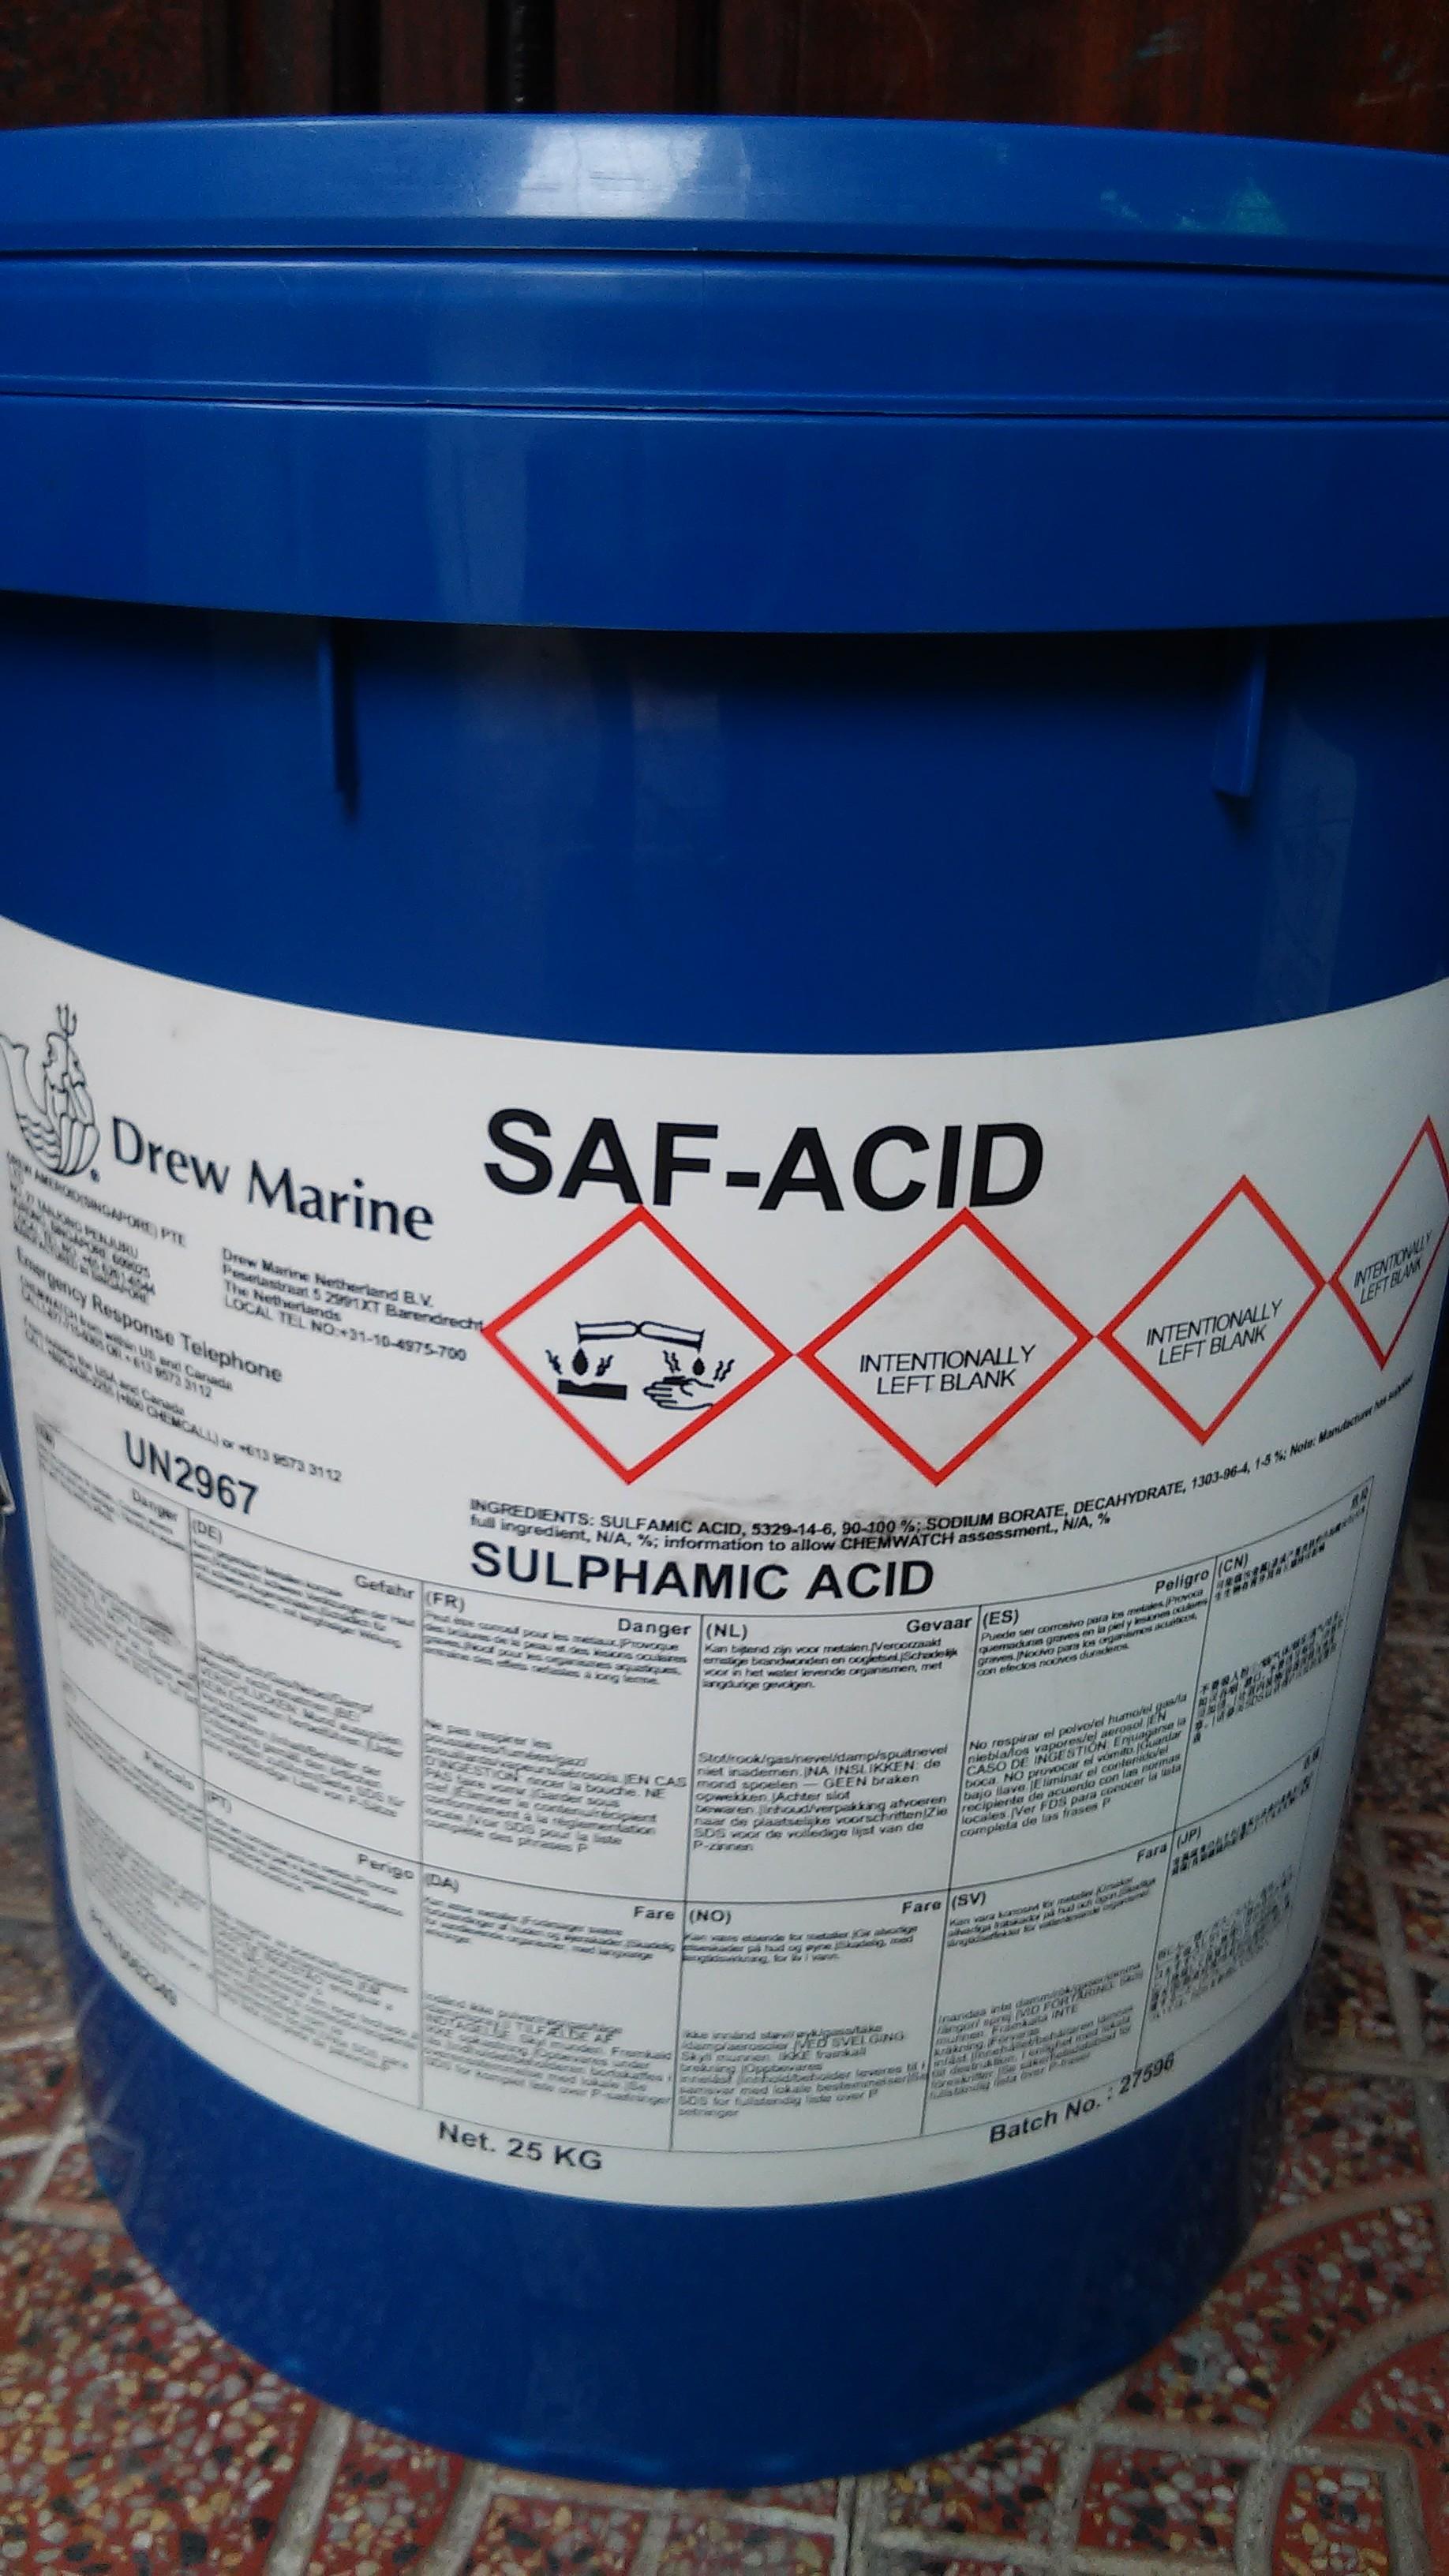 SAF-ACID